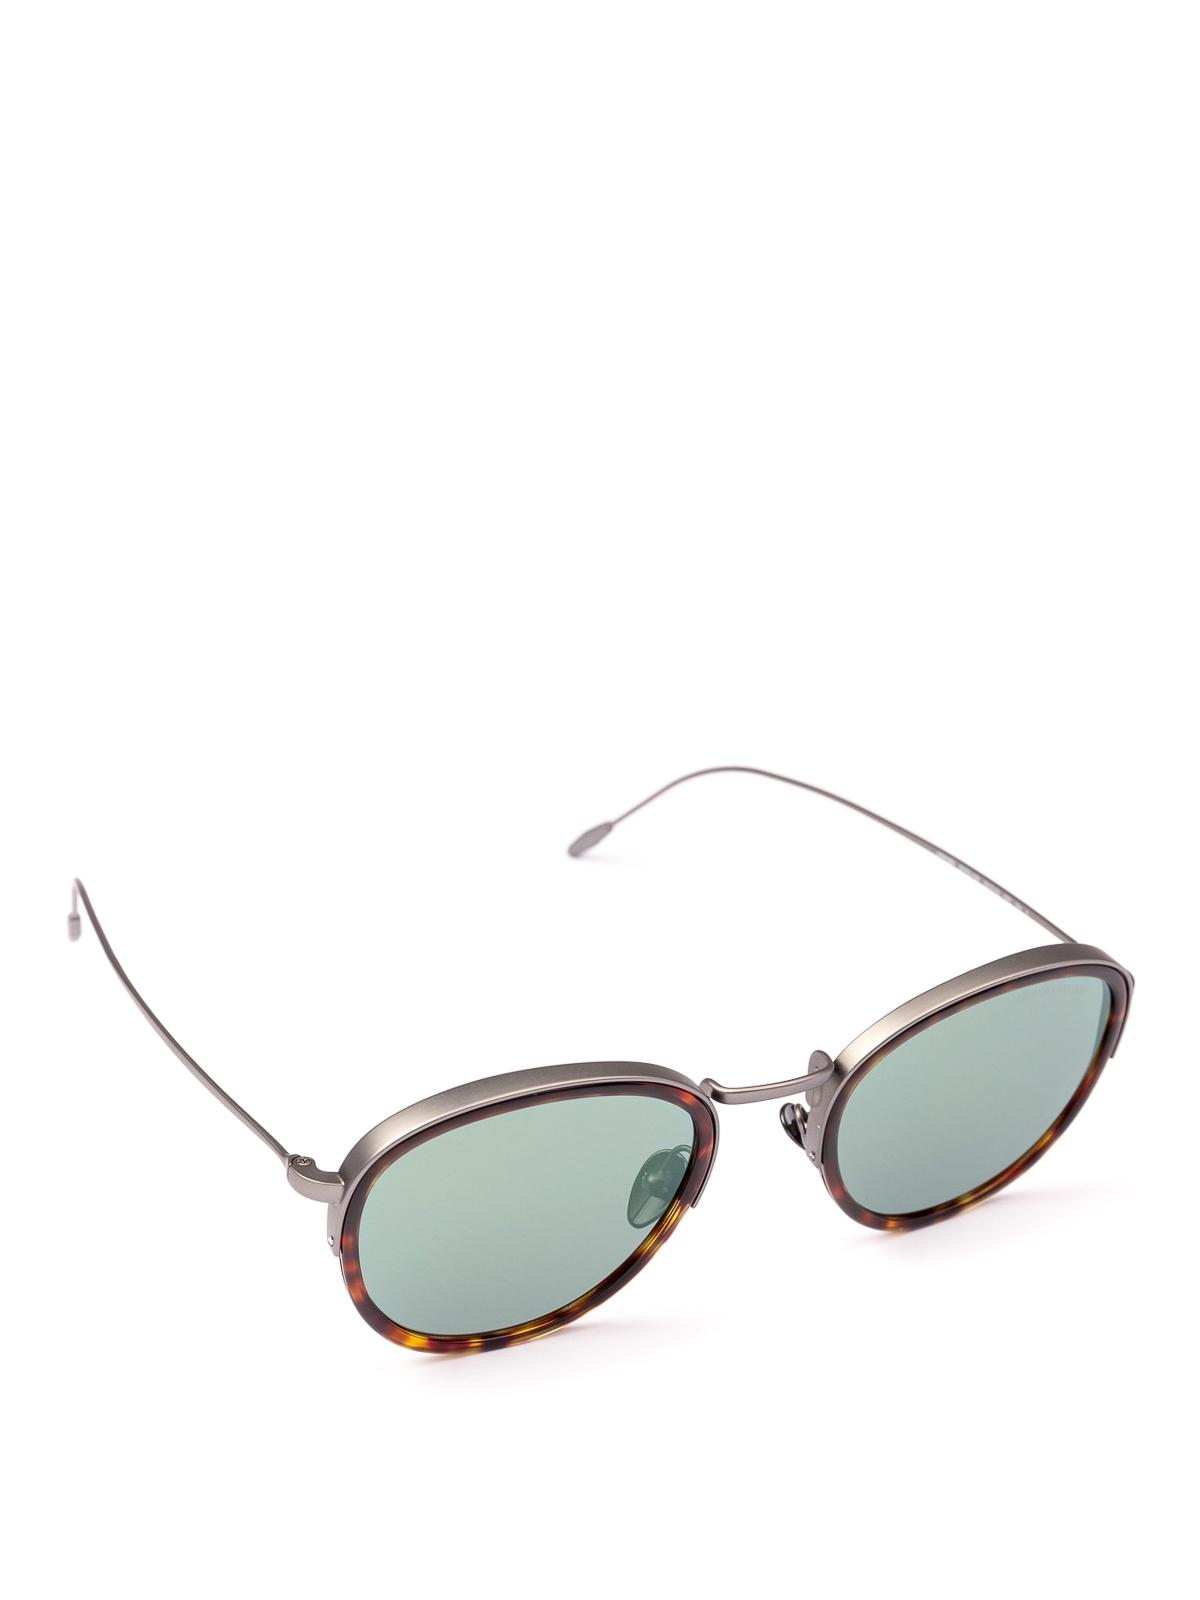 fb5125634d61 Giorgio armani sunglasses double frame round sunglasses jpg 1200x1600 Giorgio  armani round frame